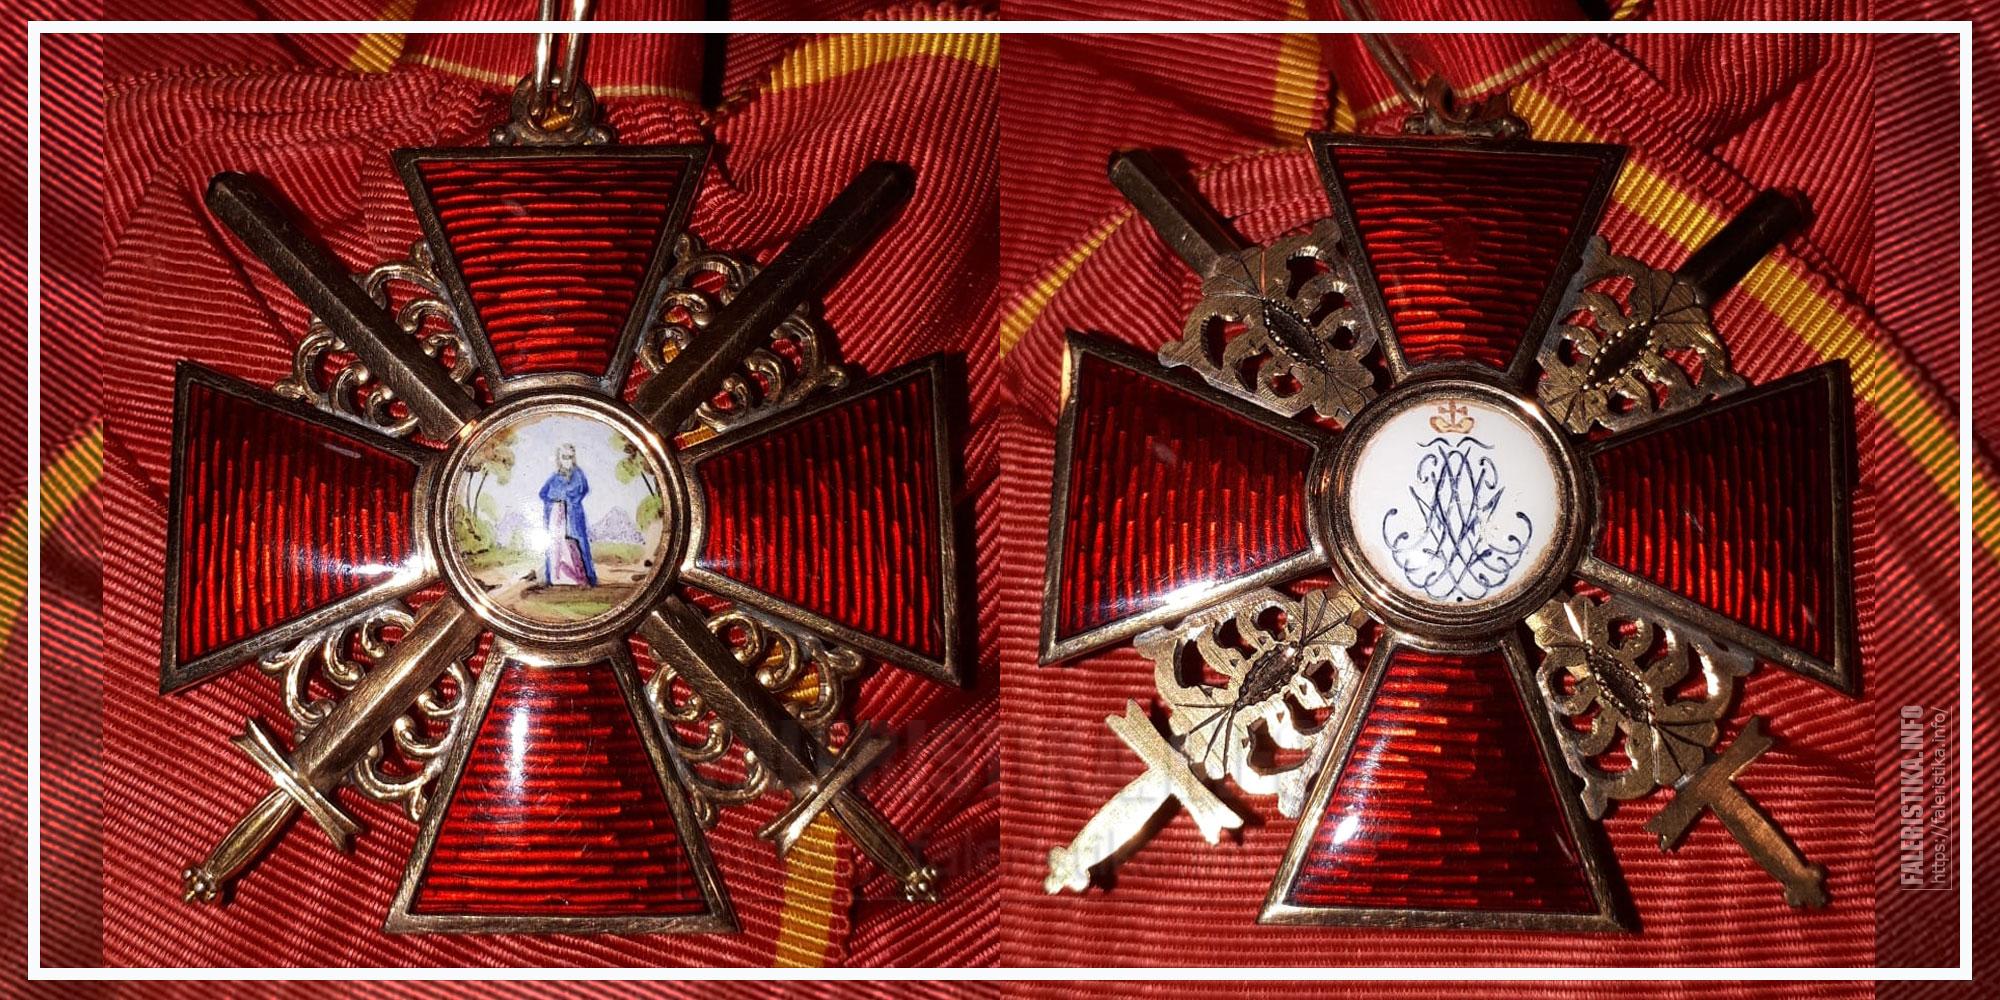 Знак Ордена Св. Анны 1 ст. с мечами